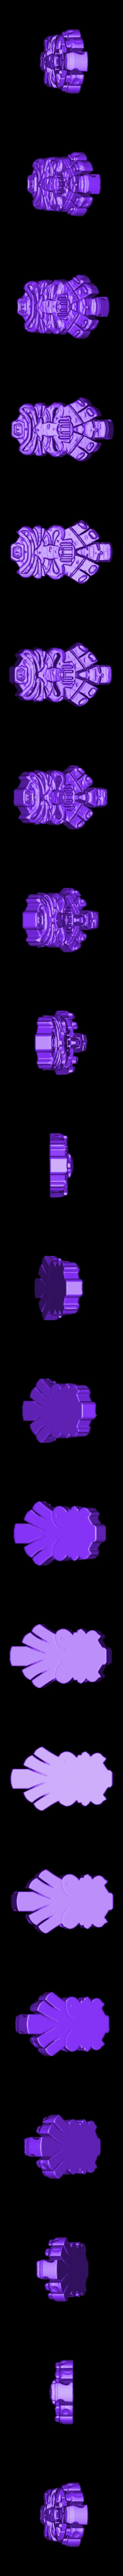 Tiki_Stone_Medium_Size.stl Download free STL file Tiki Mask • Design to 3D print, VillainousPropShop